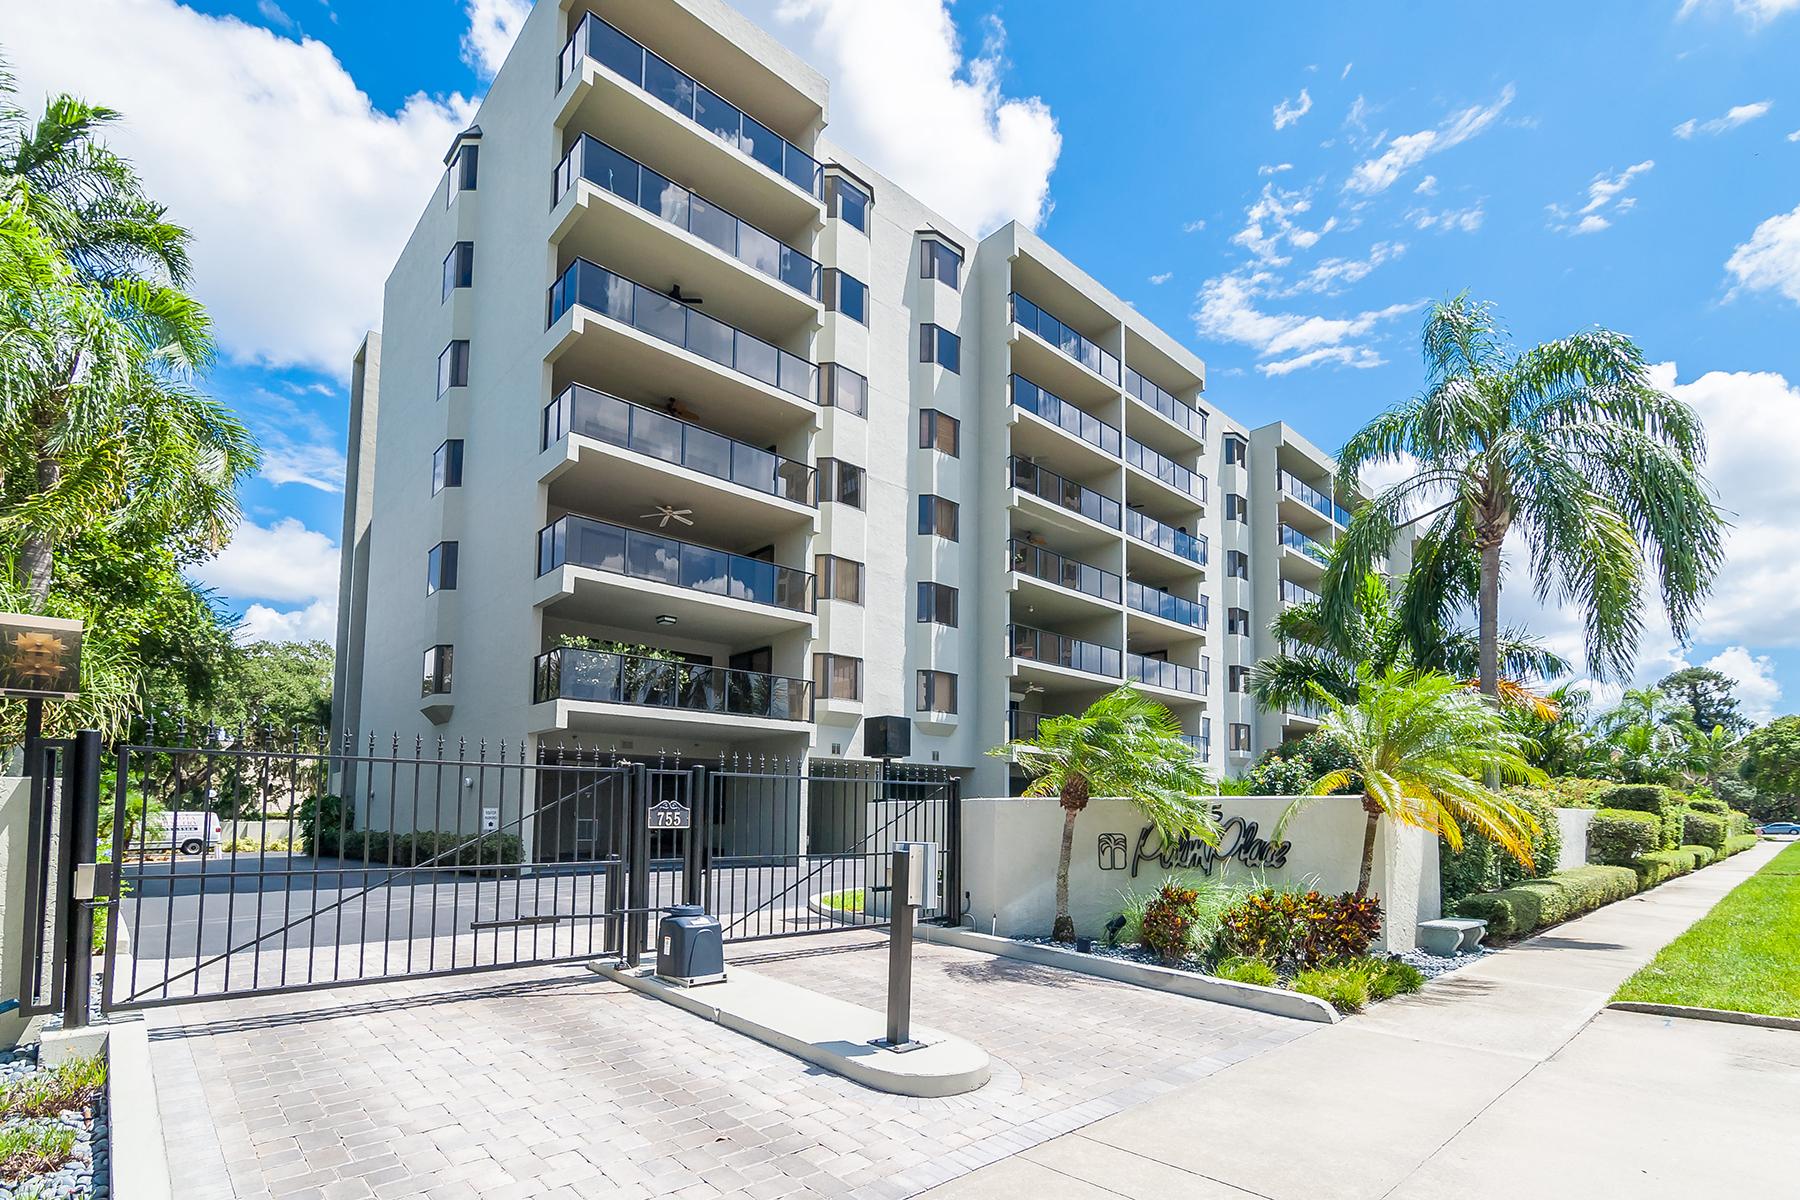 共管物業 為 出售 在 PALM PLAZA 755 S Palm Ave 104 Sarasota, 佛羅里達州, 34236 美國